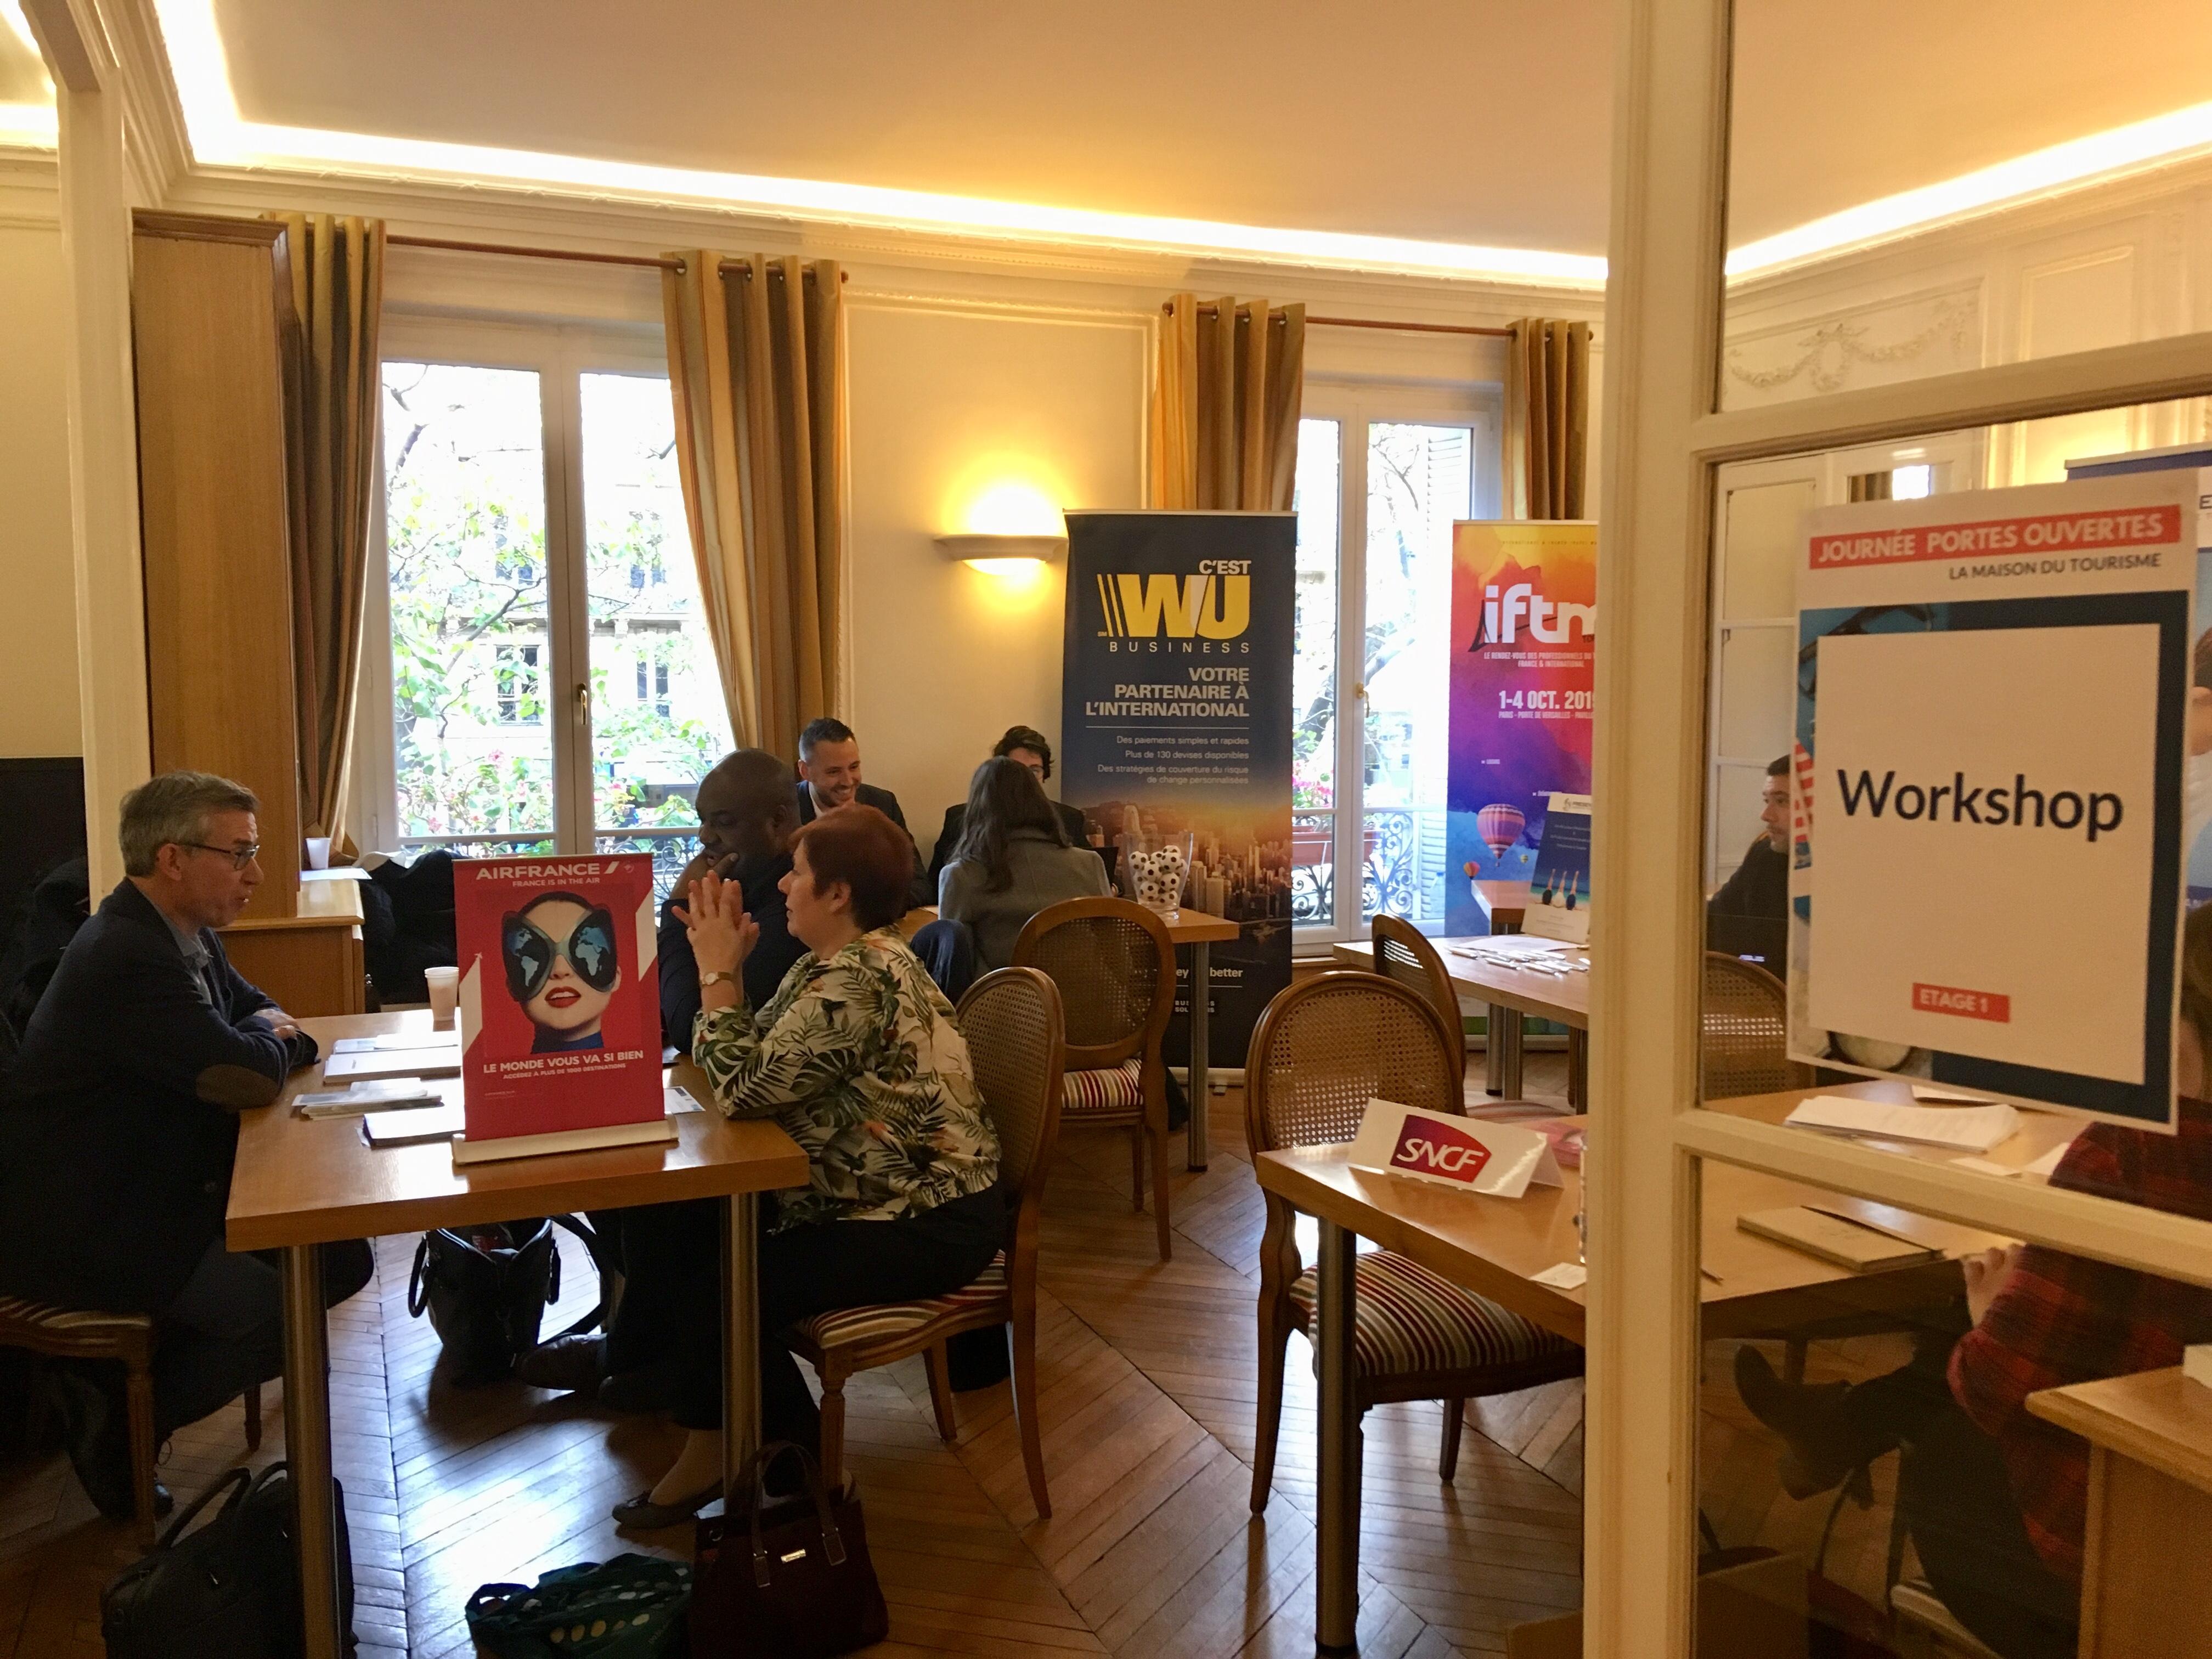 Un workshop a réuni plusieurs partenaires de l'APST et des EdV, ce jeudi 8 novembre 2018, à la journée portes ouvertes de la Maison du tourisme. - CL